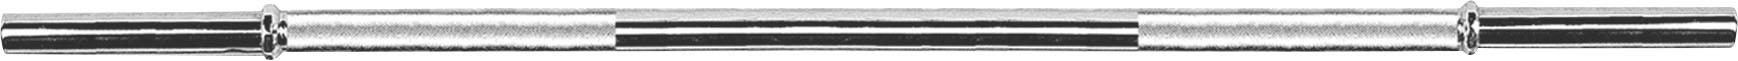 Μπάρα με ίσιο κολάρο Φ28mmx120cm, 6kg